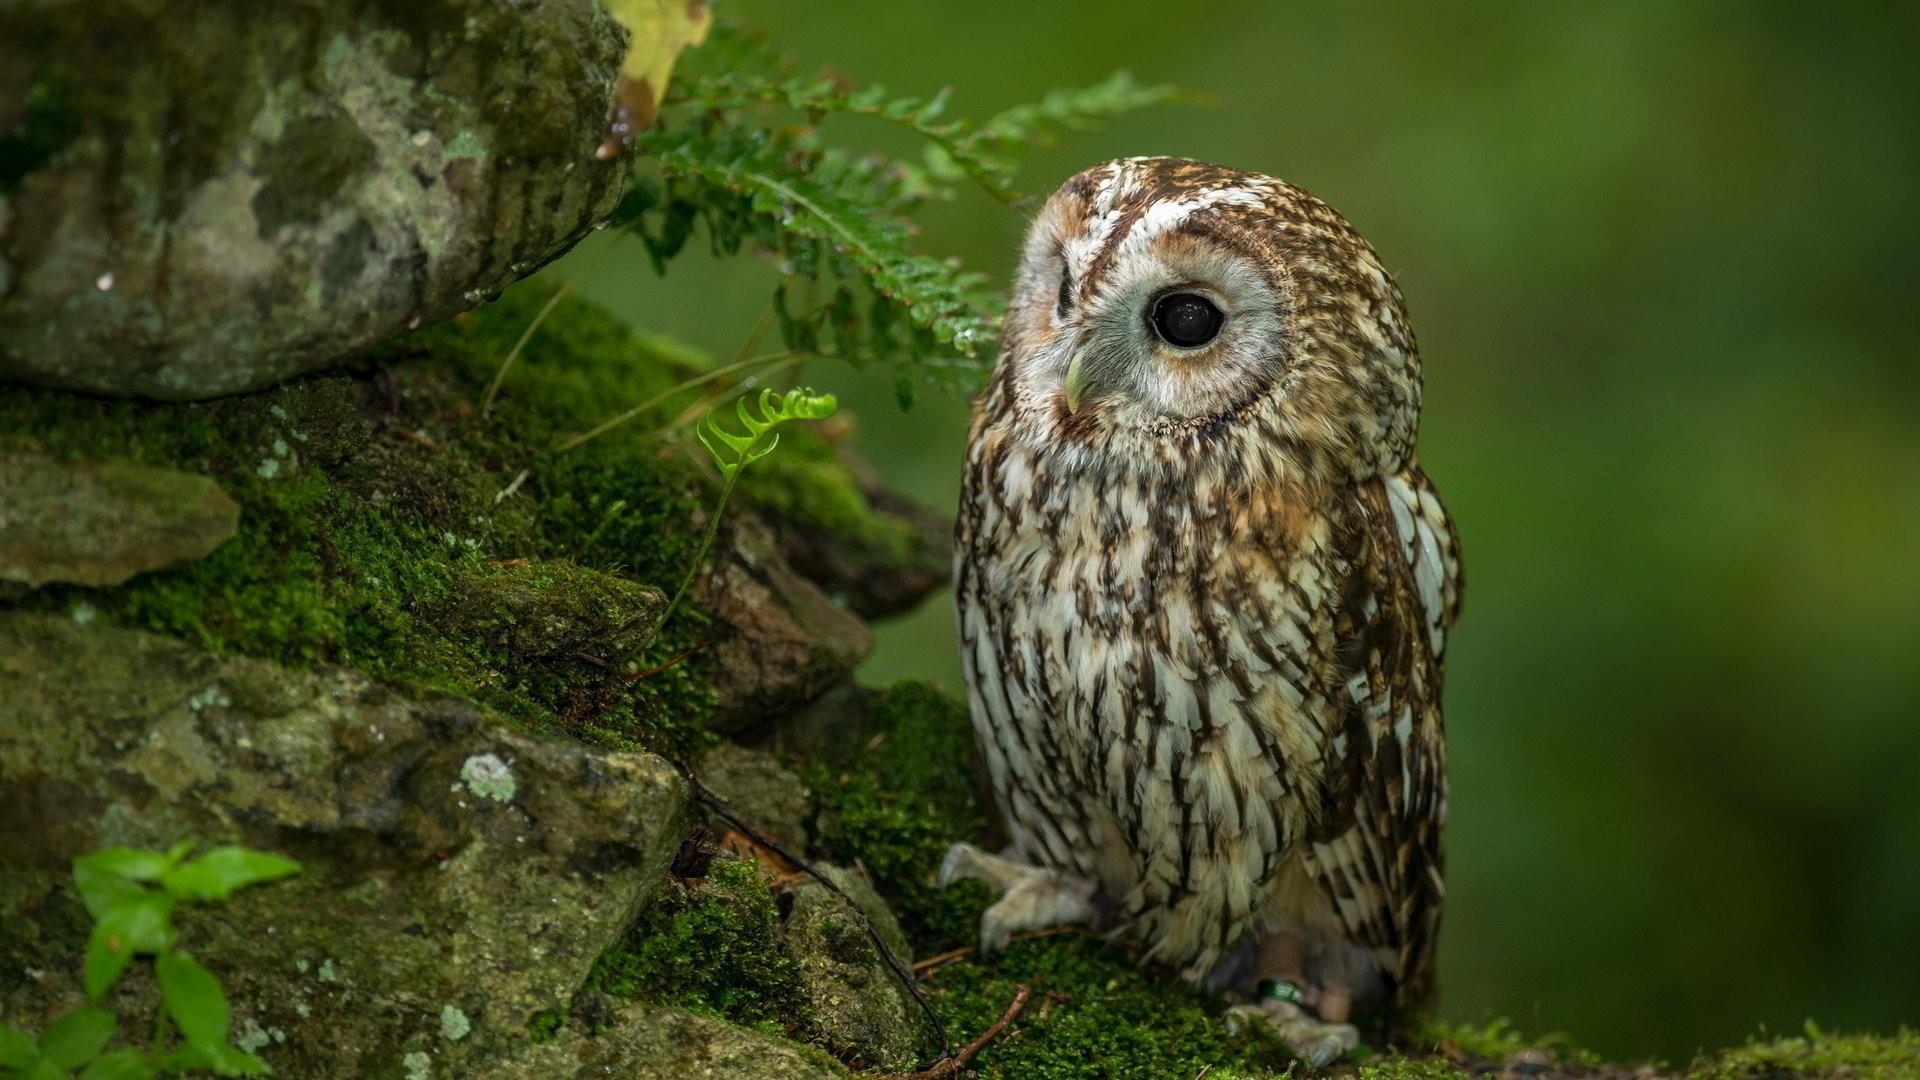 Cute Cartoon Owl Wallpaper